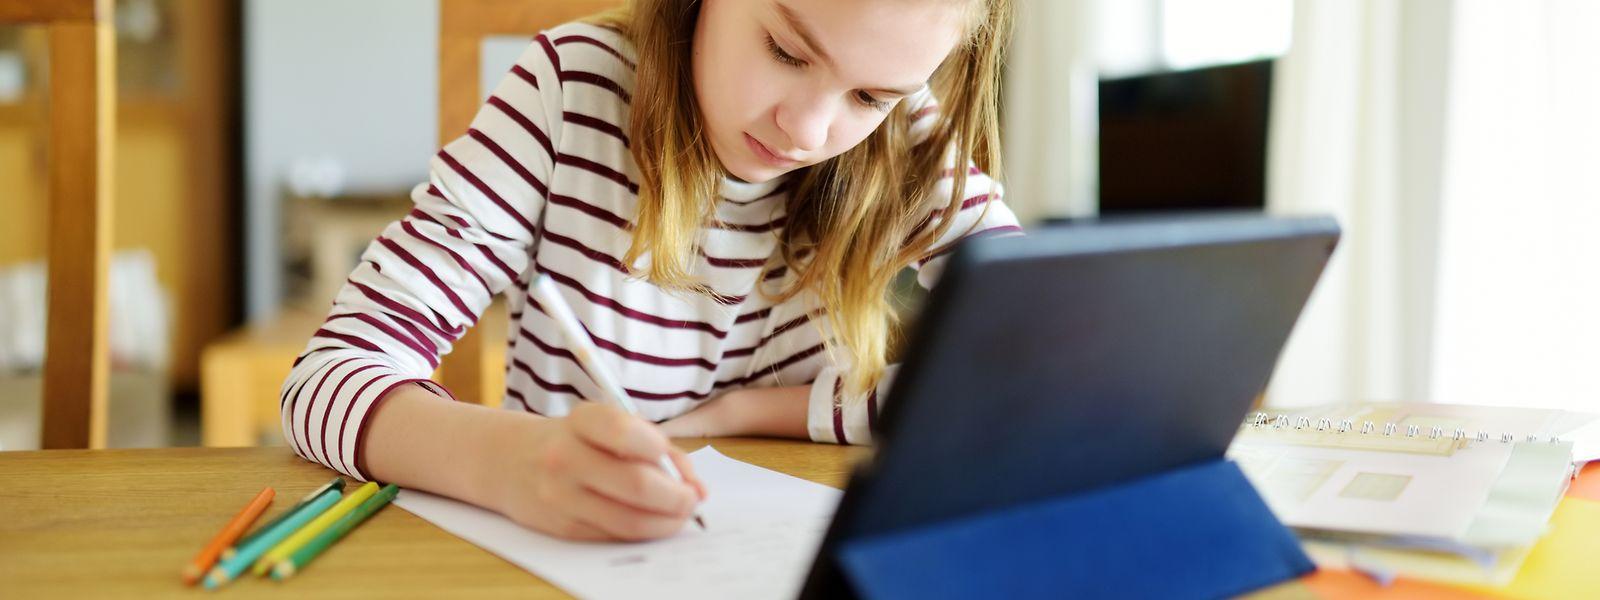 Gerade während des Lockdowns haben viele Grundschüler ganz schnell den Umgang mit digitalen Helfern erlernt.